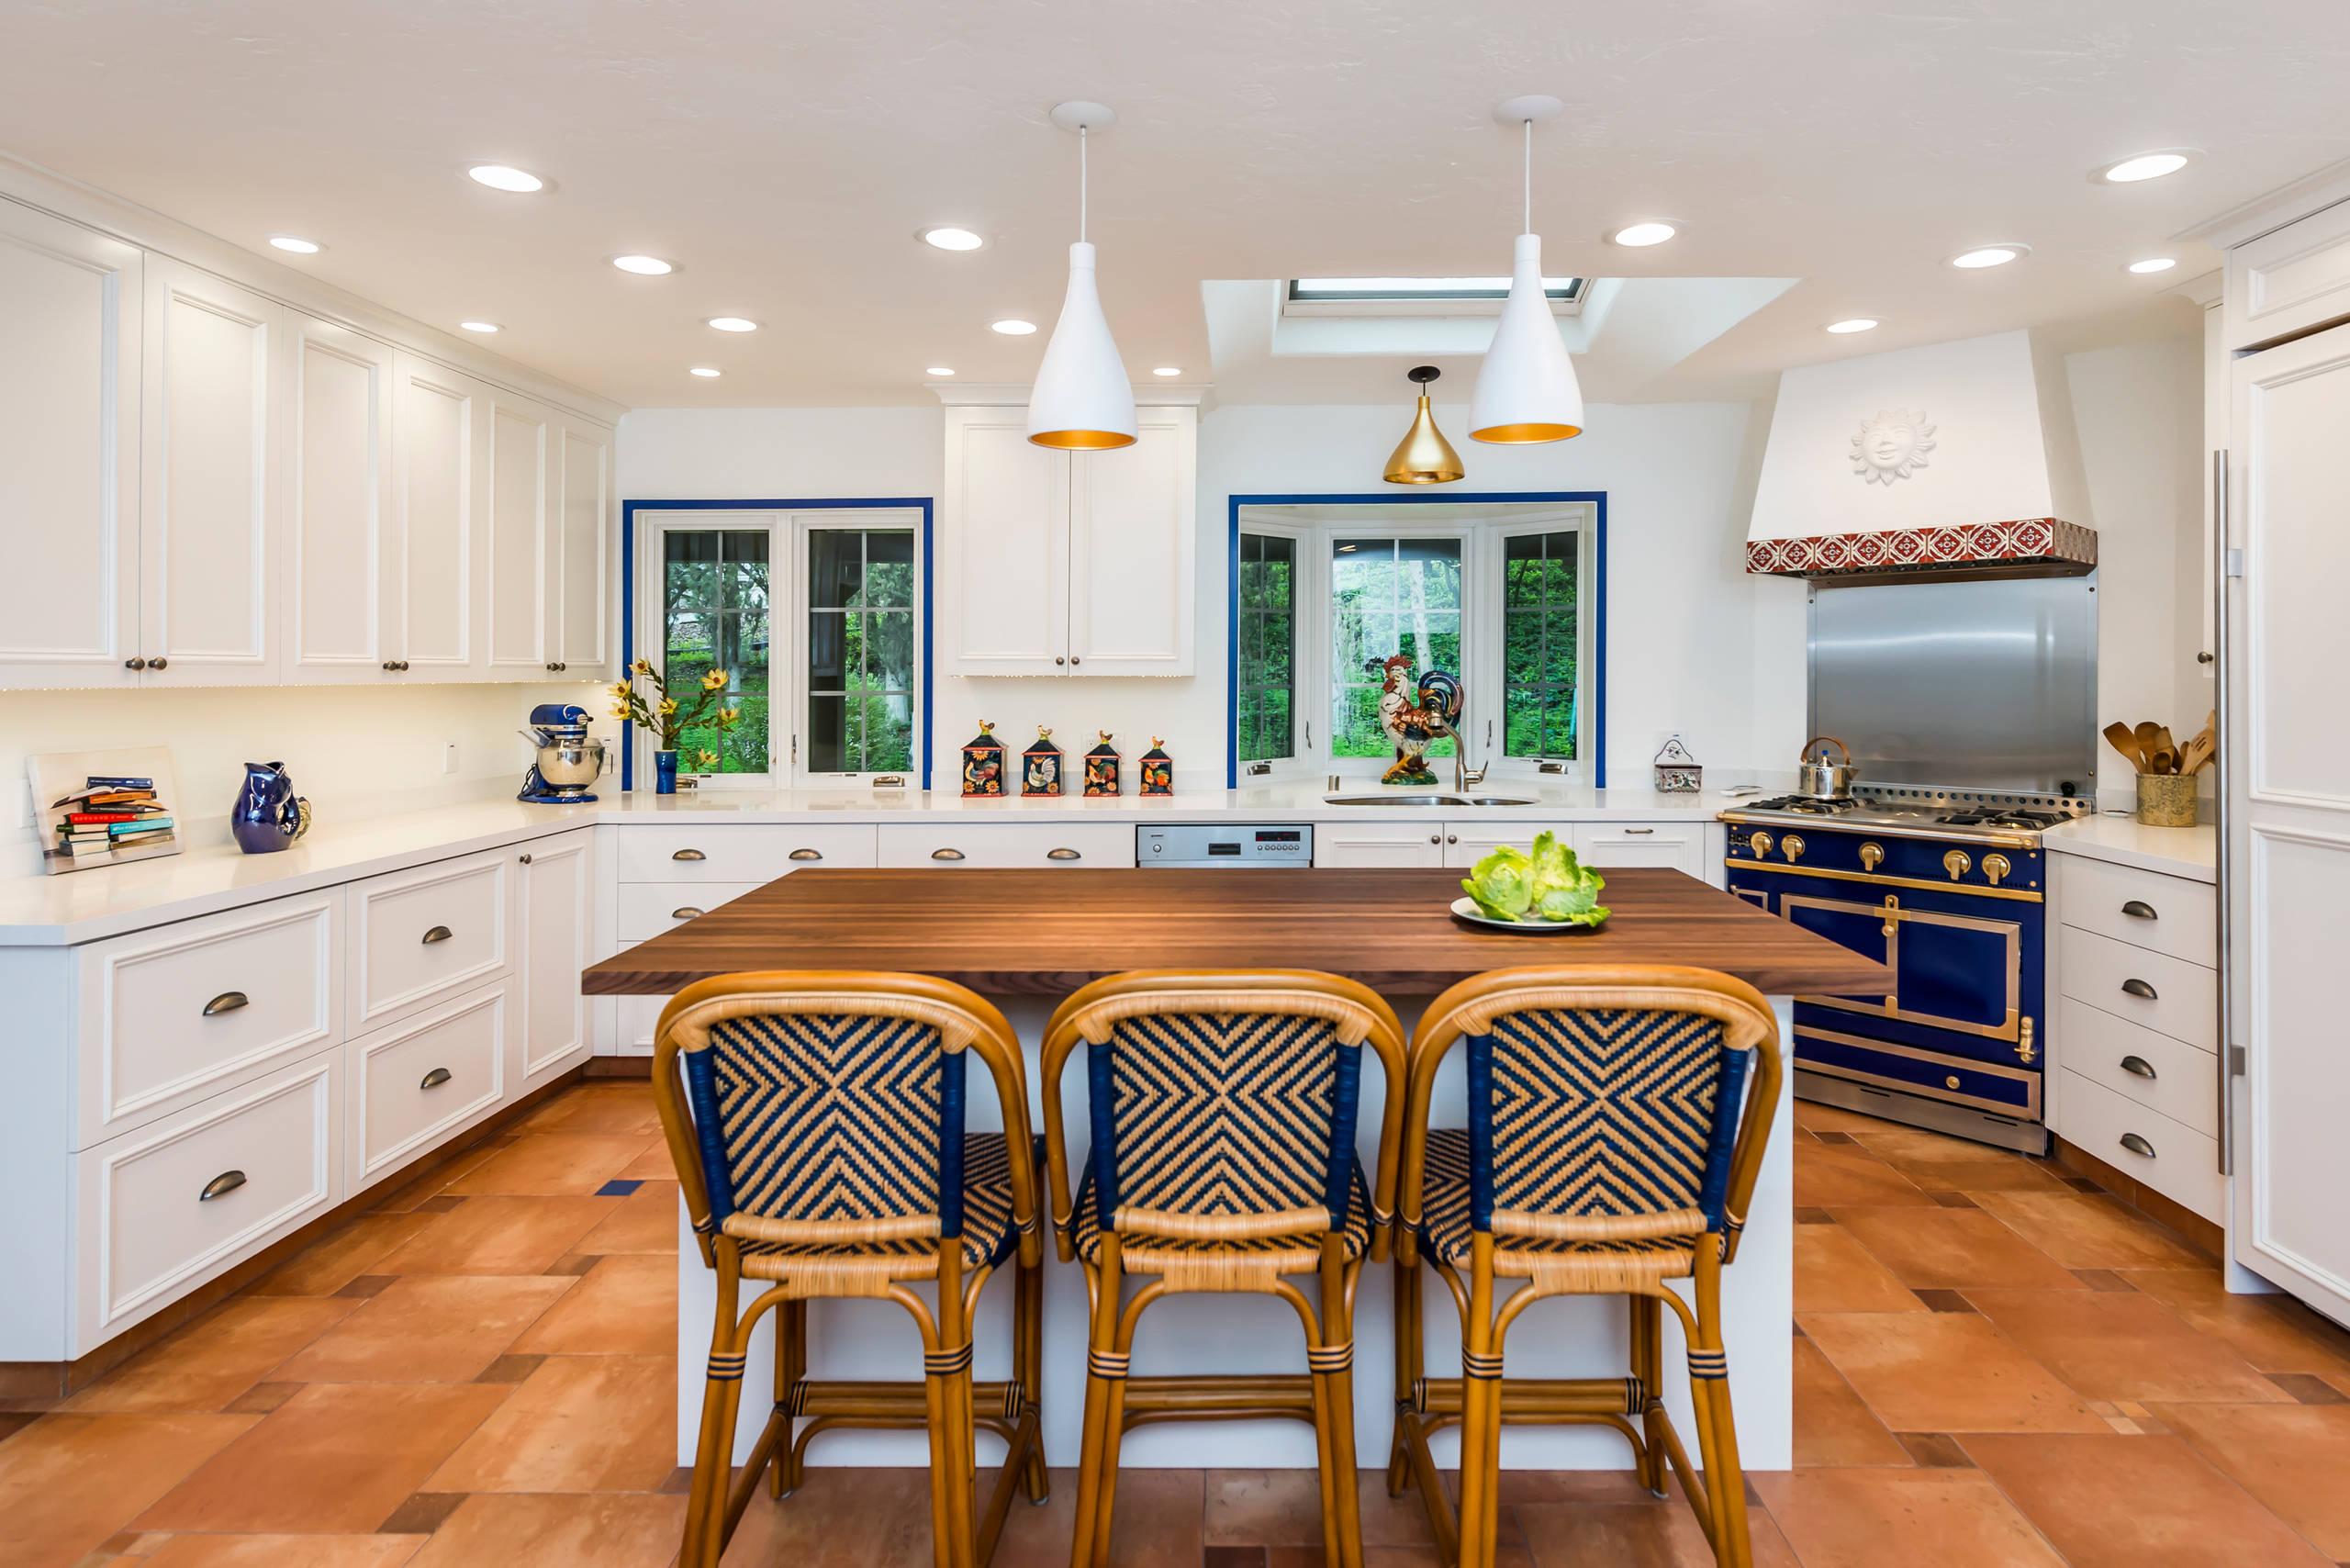 16 Charming Mediterranean Kitchen Designs That Will ... on Kitchen Renovation Ideas  id=89283